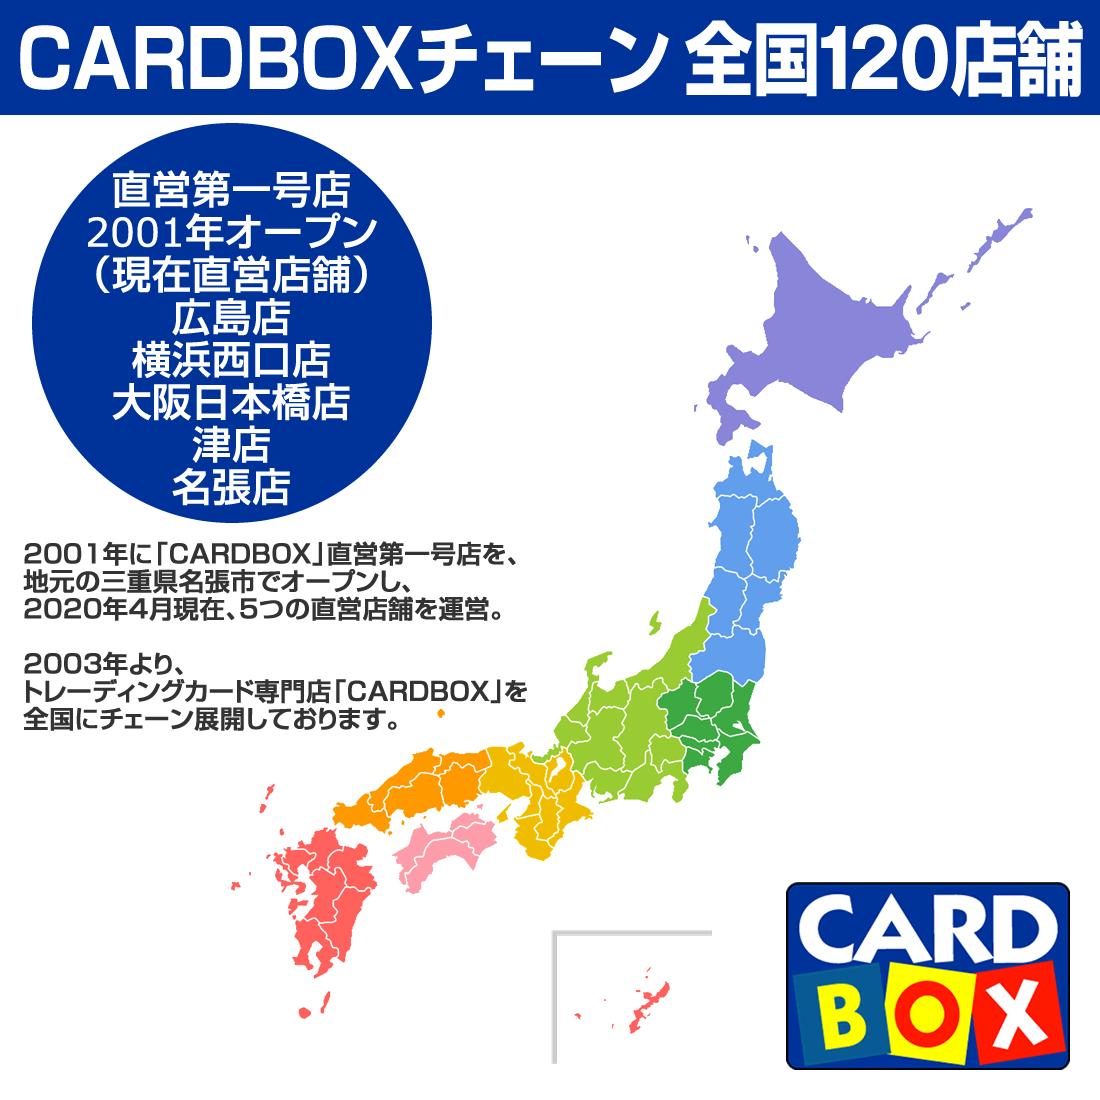 カードボックスチェーン120店舗(2003年~)